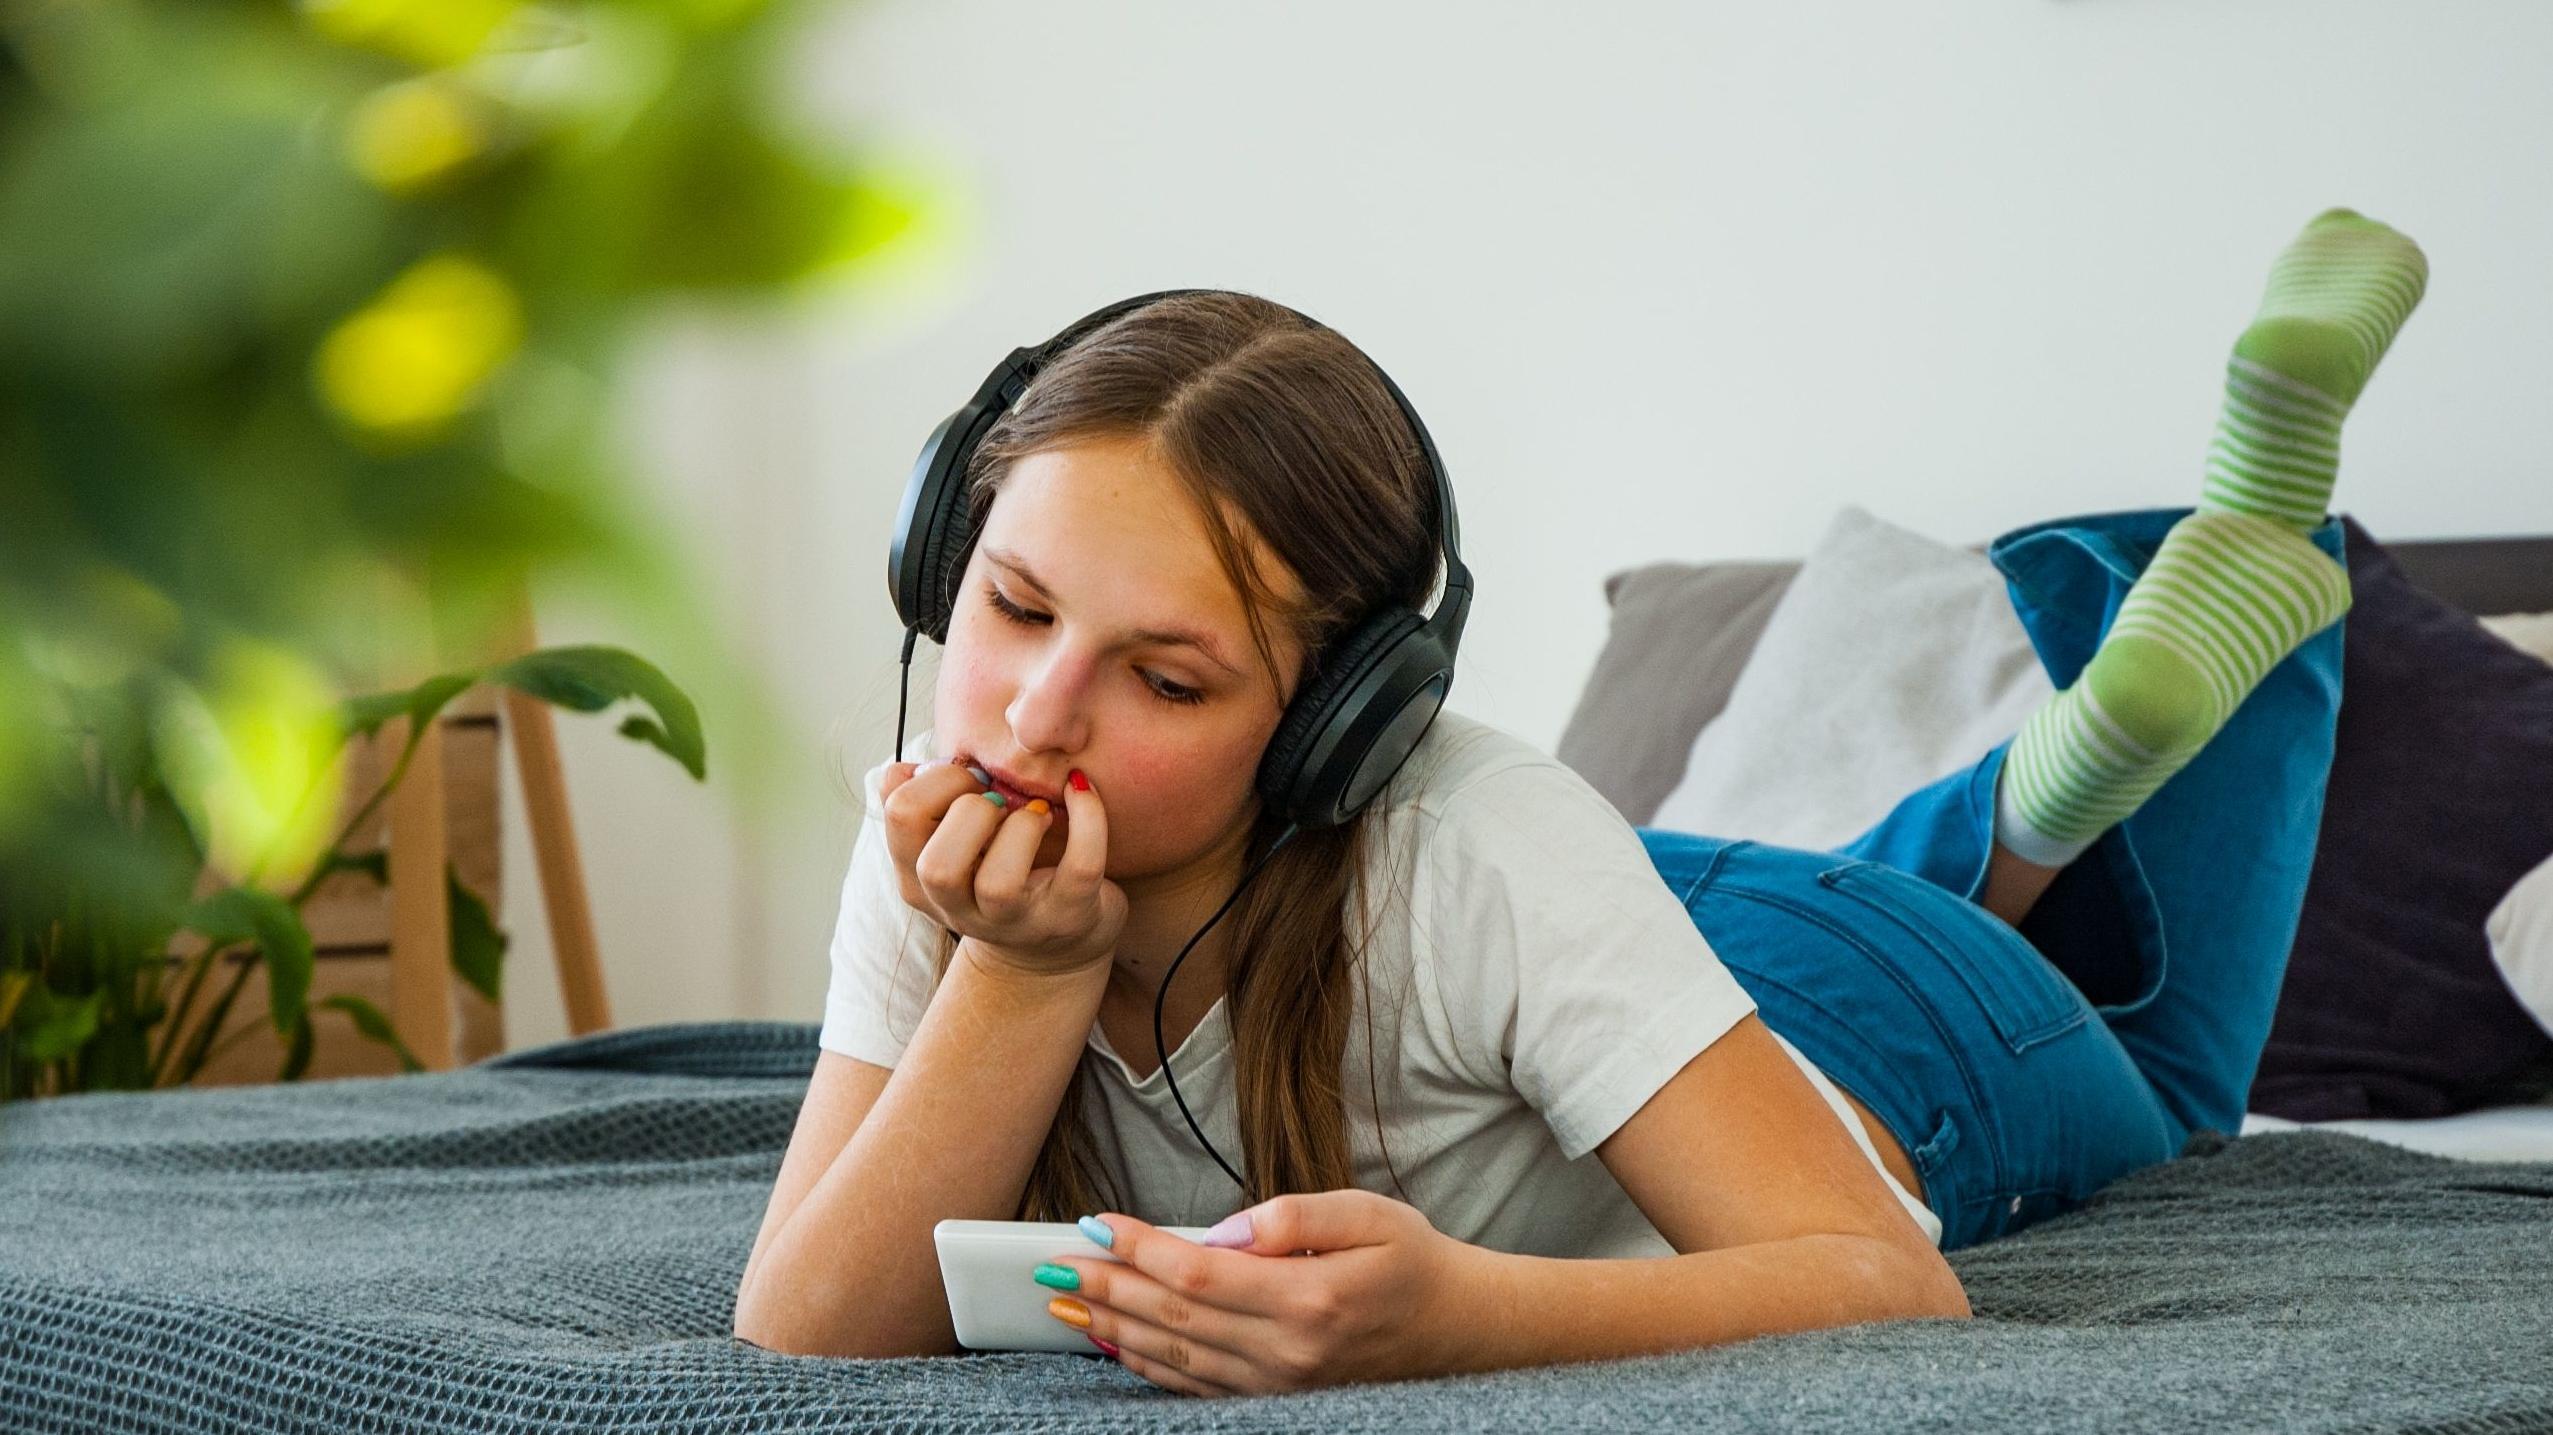 Mädchen liegt auf dem Bett und hört über Kopfhörer Inhalte vom Smartphone